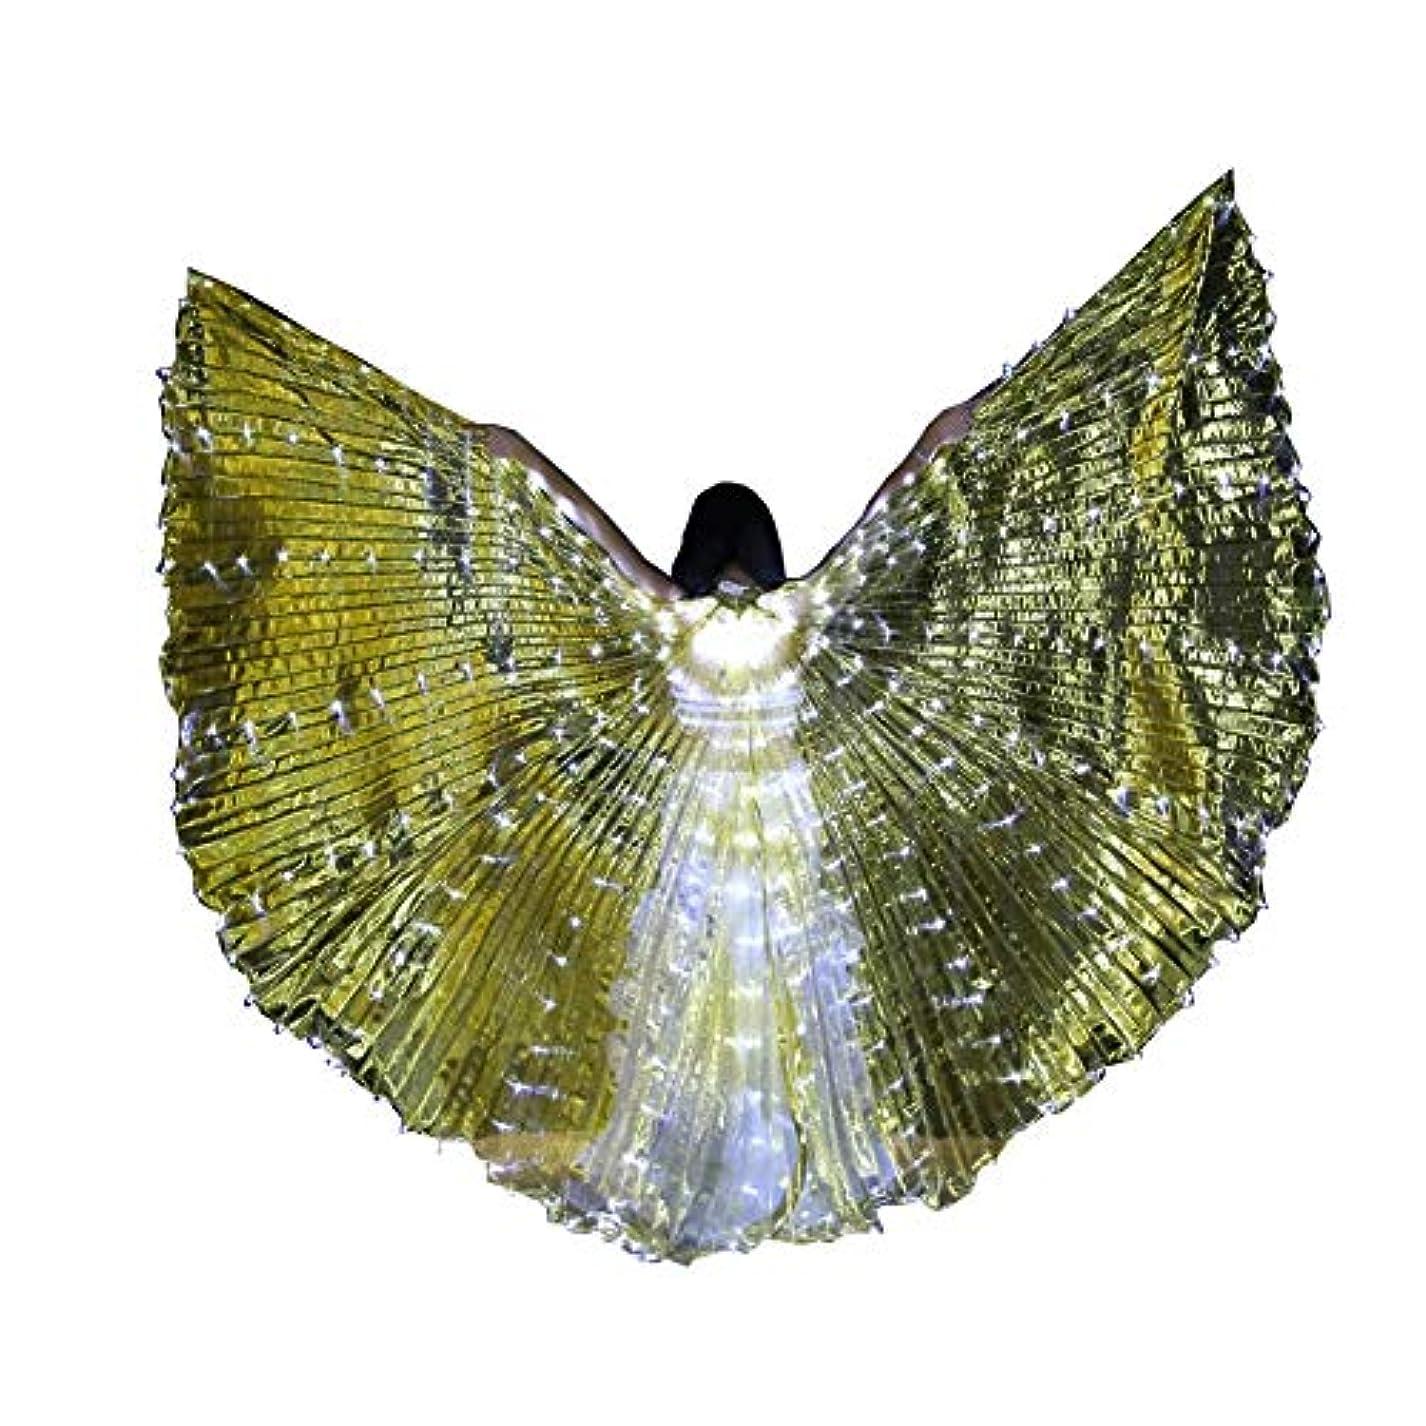 を除く被害者クレータースティック/ロッドとLEDイシスウイングアダルト玉虫色ベリーダンスパフォーマンスパーティーABellyダンスLEDイシスウイング (Color : Transparent gold)